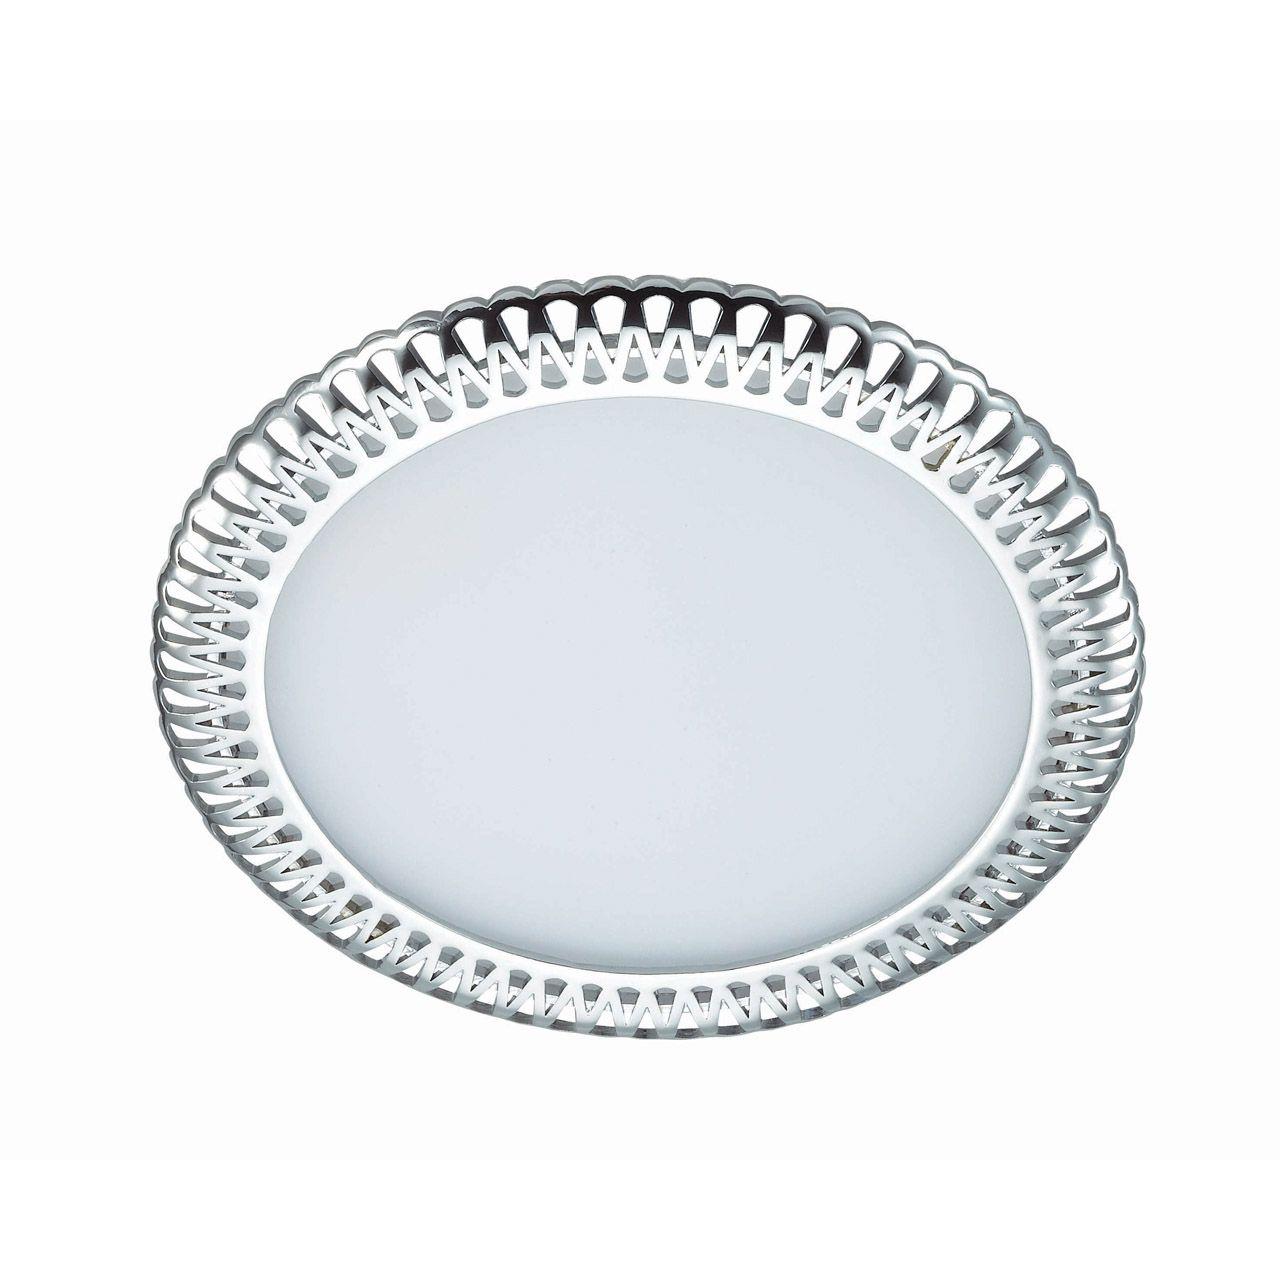 цена на Встраиваемый светодиодный светильник Novotech Sade 357365